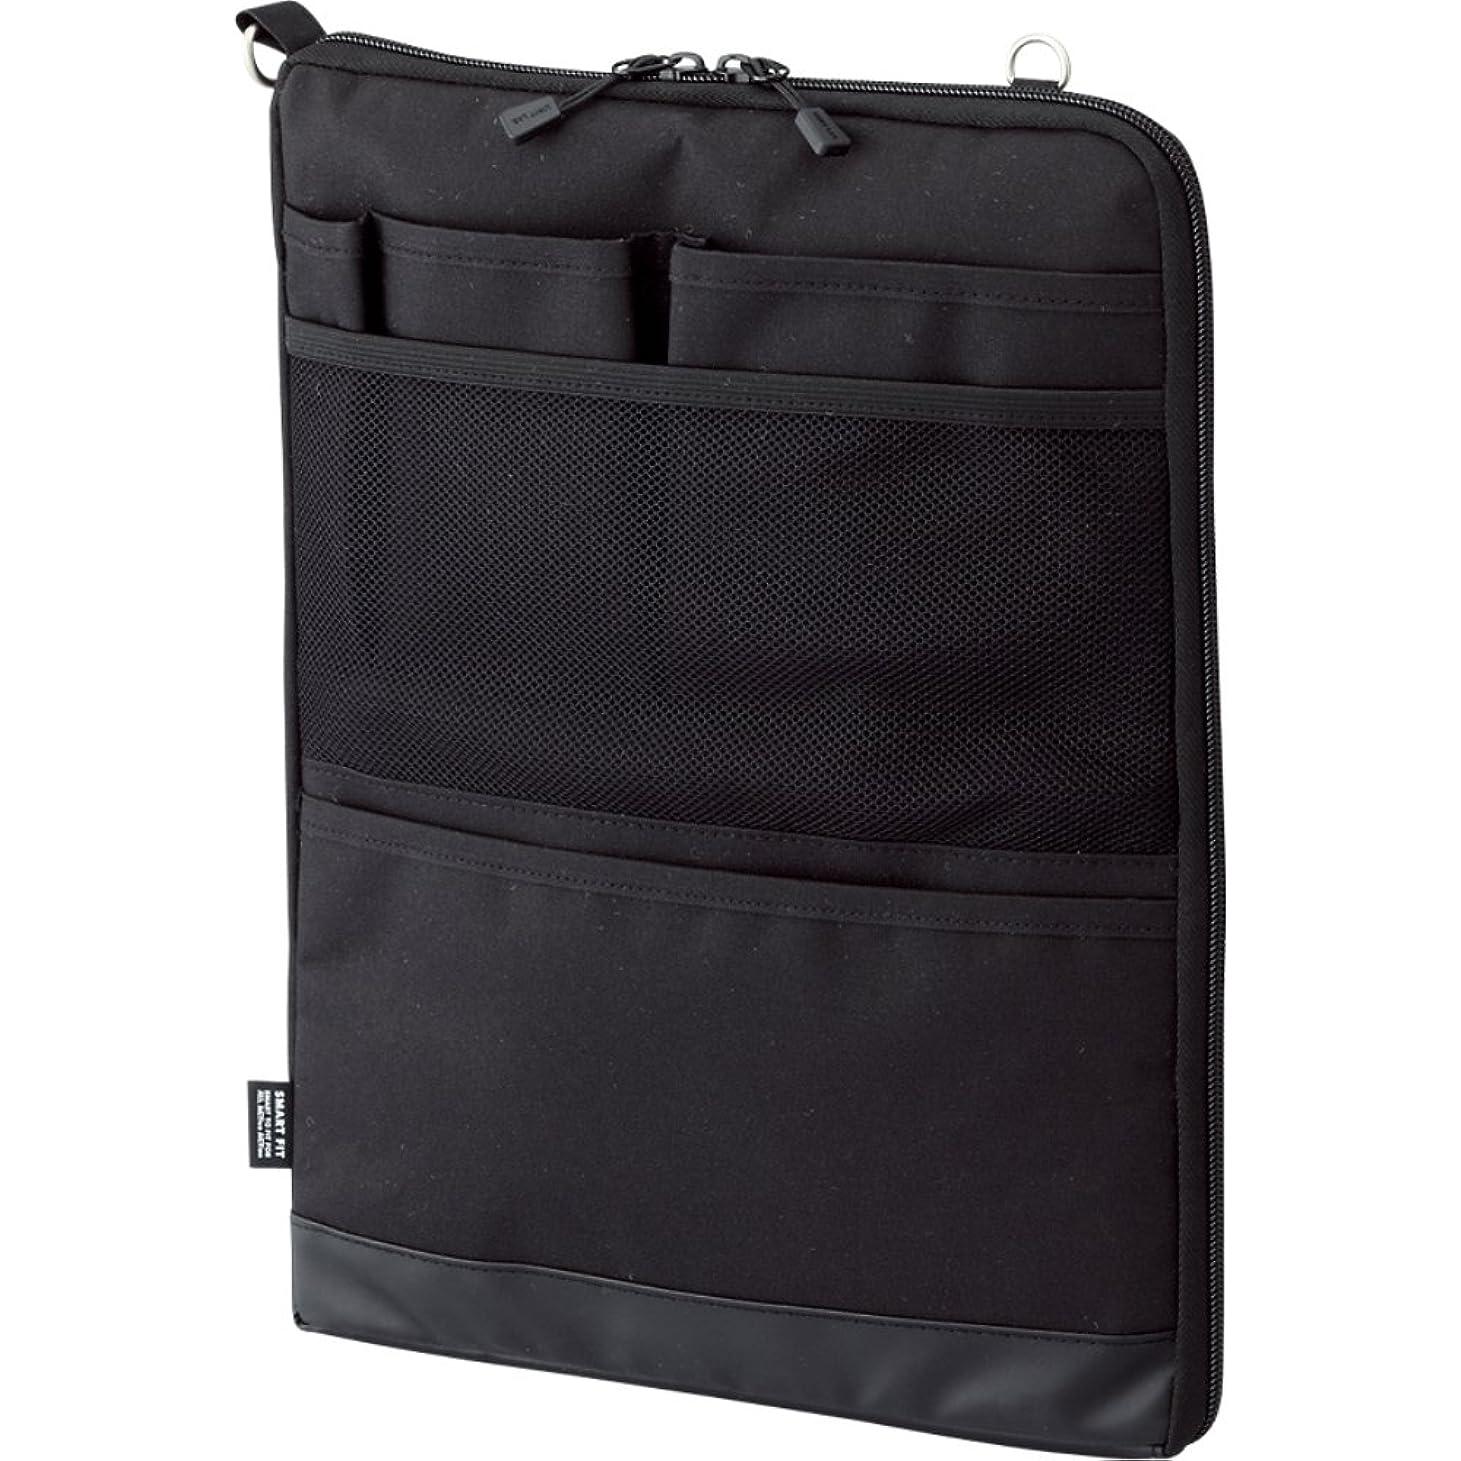 リヒトラブ バッグインバッグ スマートフィット アクタクト A4タテ ブラック A7683-24